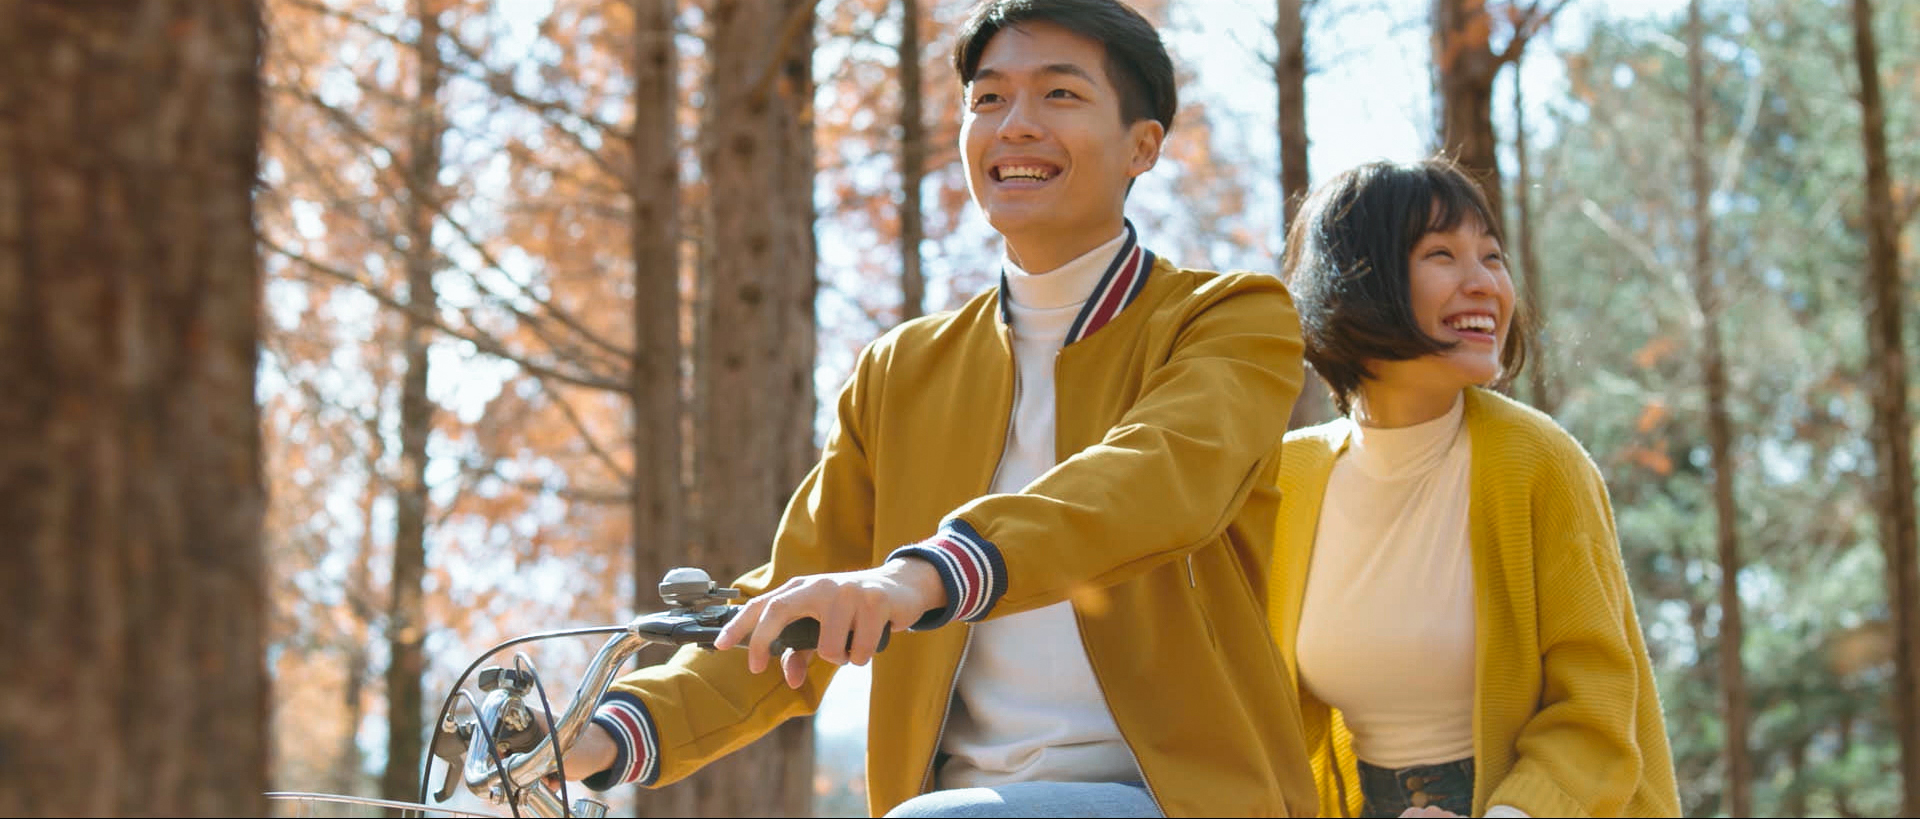 Thực hiện OST Ước hẹn mùa thu có ai ngờ nhạc sĩ Đức Trí lại Dính Bẫy của đạo diễn Nguyễn Quang Dũng chỉ vì lý do này